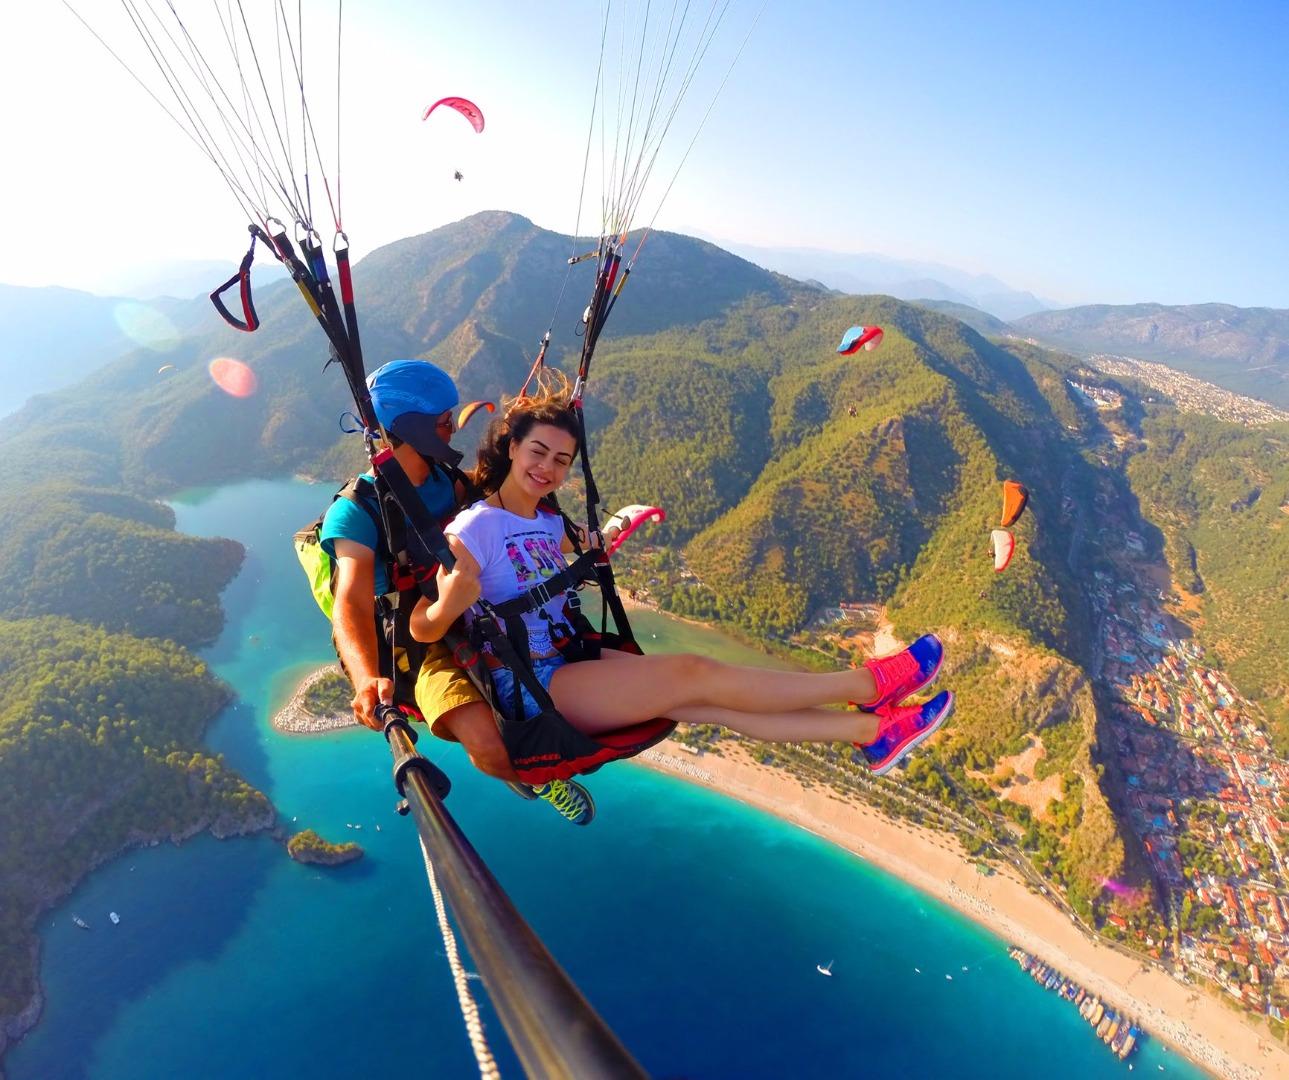 費特希耶滑翔傘體驗(可選 GoPro 拍攝+酒店接送)